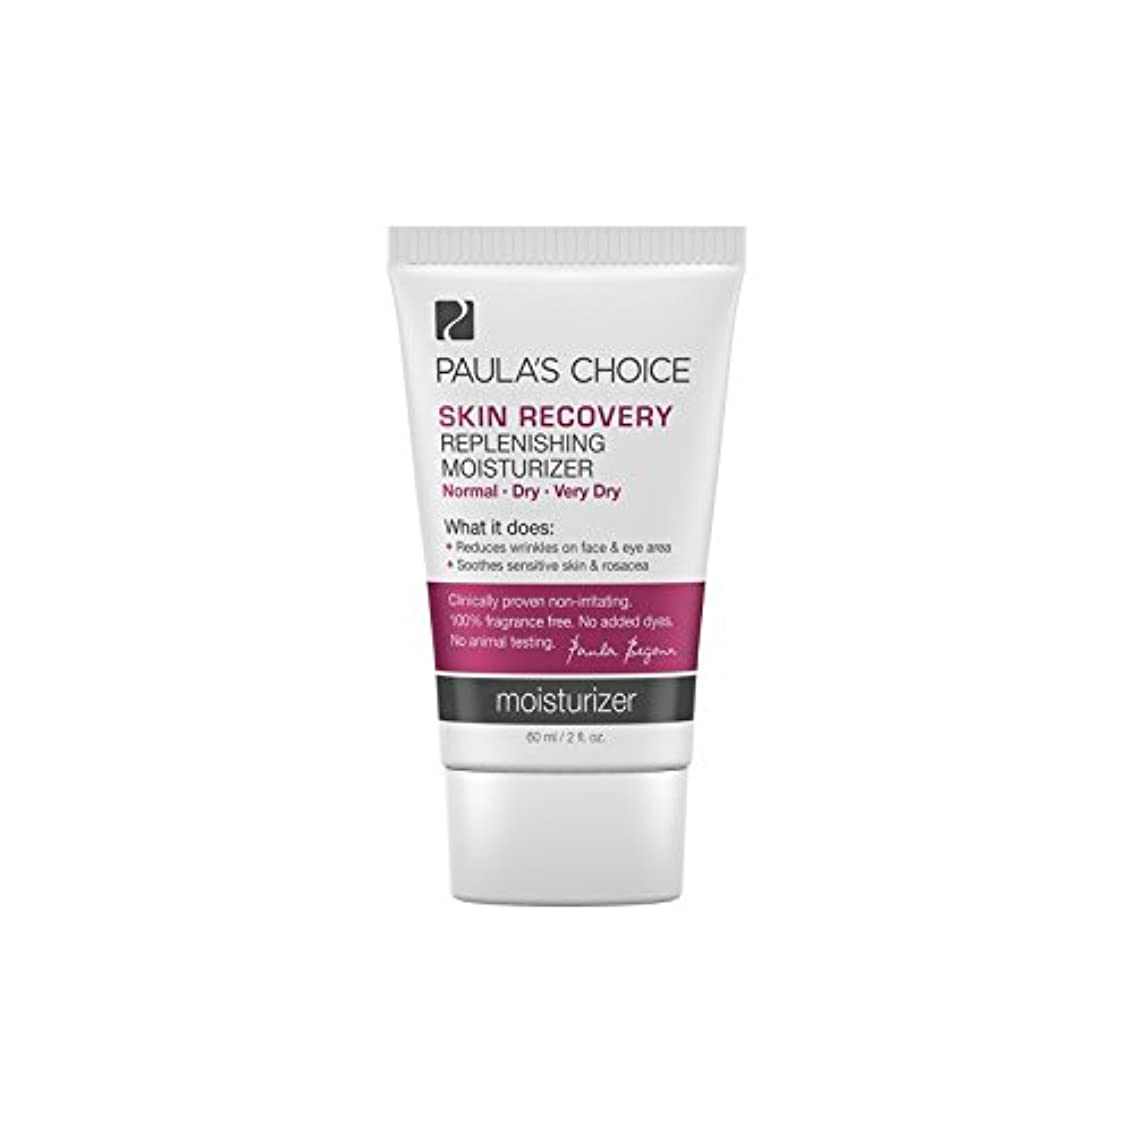 国民早熟ありそうポーラチョイスの肌の回復補充保湿(60ミリリットル) x4 - Paula's Choice Skin Recovery Replenishing Moisturizer (60ml) (Pack of 4) [並行輸入品]